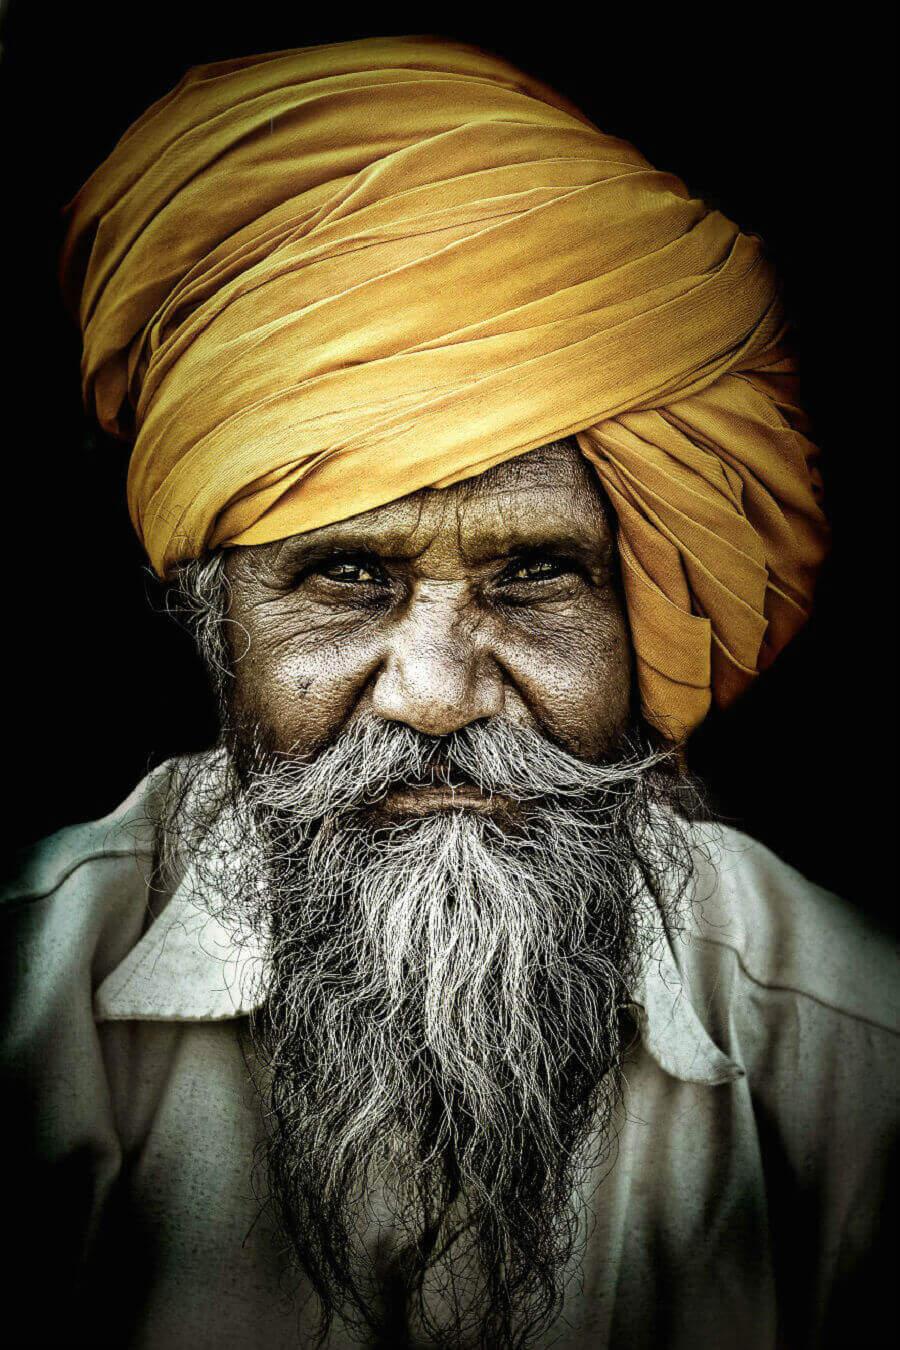 человек в Махараштре, Индия